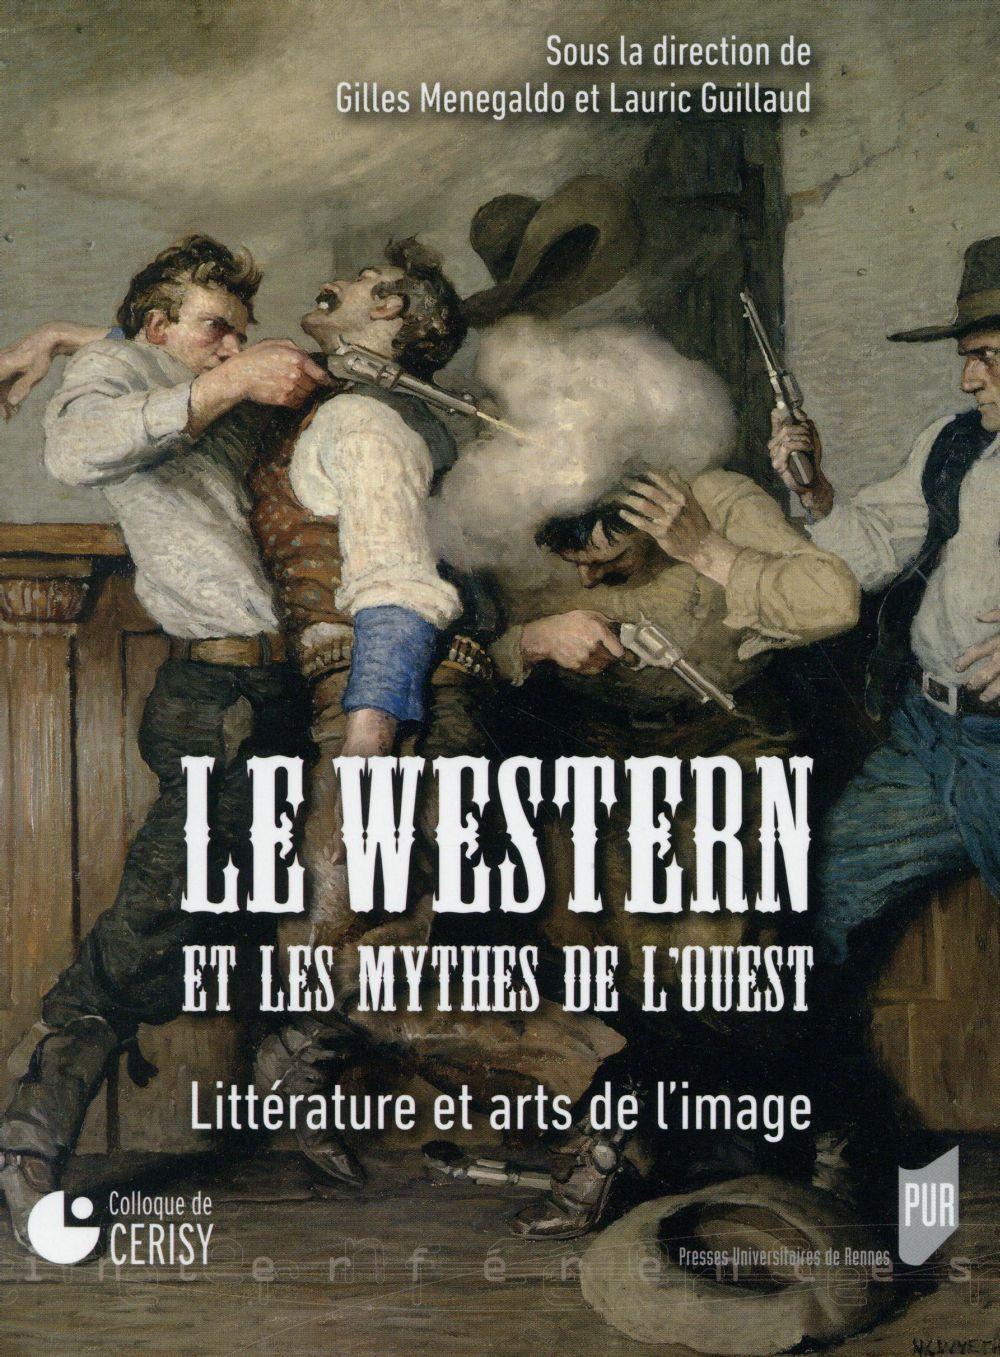 WESTERN ET LES MYTHES DE L OUEST